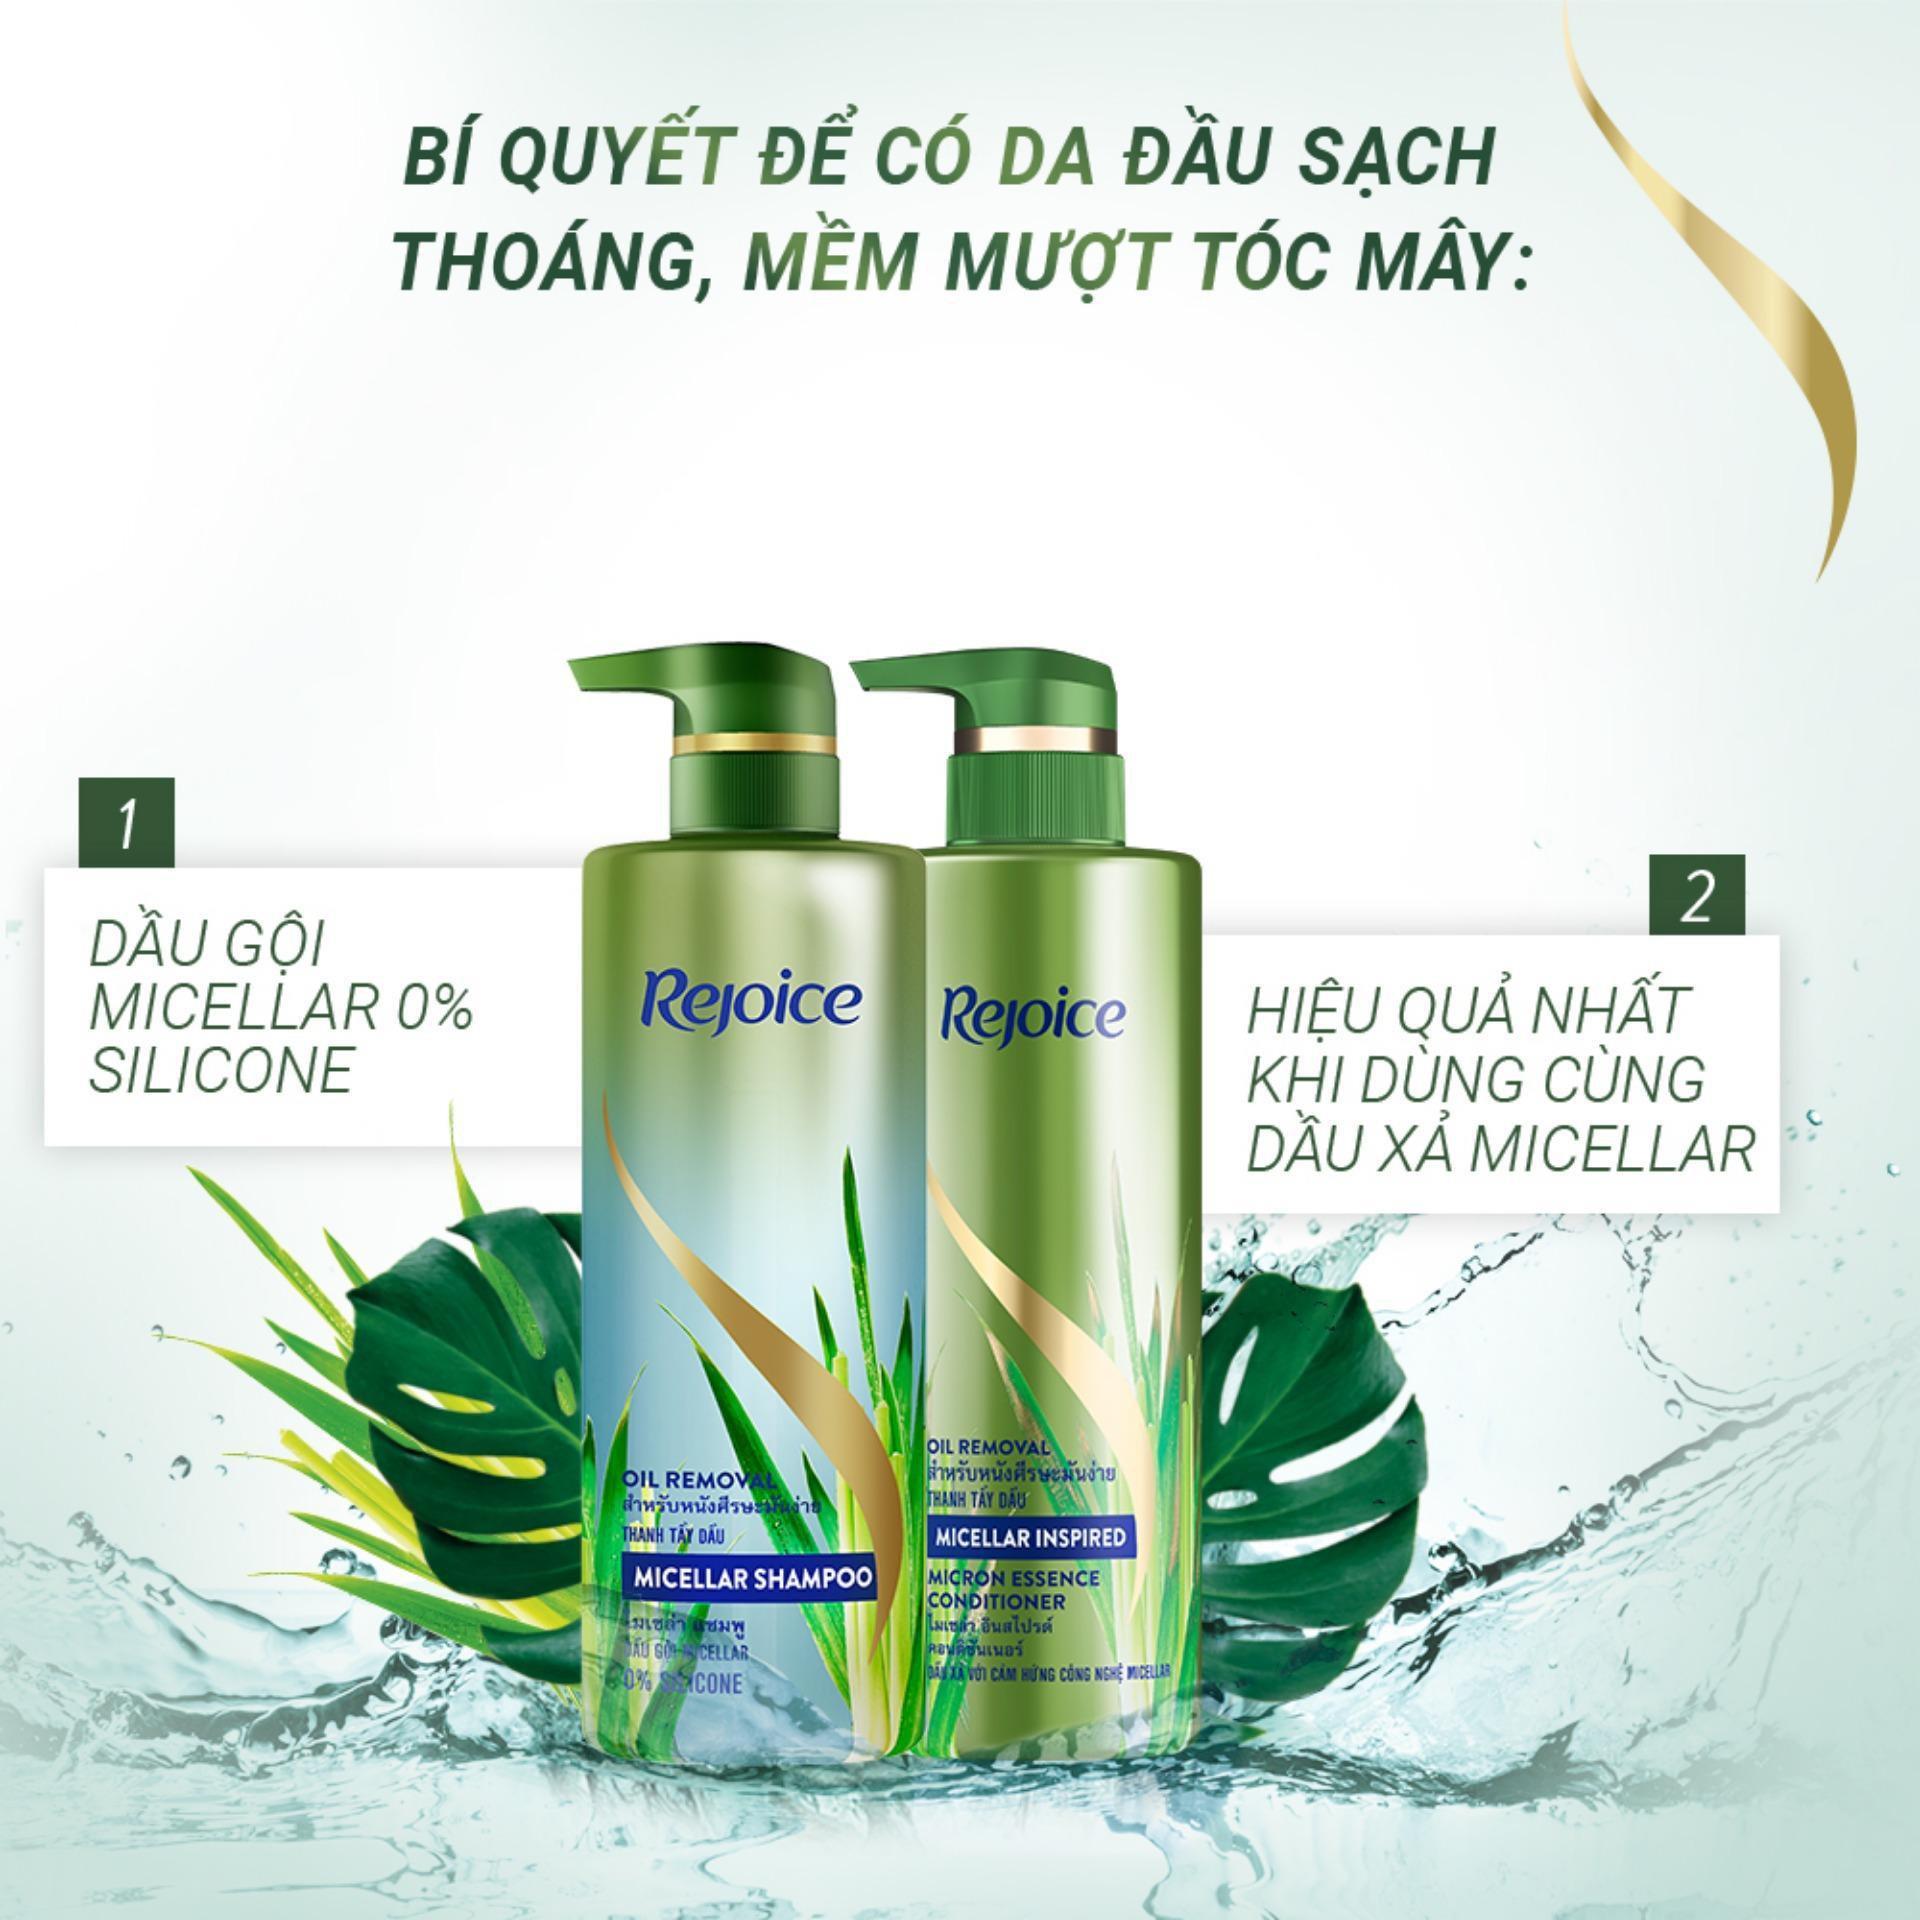 Muốn tóc đẹp, mượt và bồng bềnh, bạn nên kết thân với dầu gội chứa những nhiên liệu thần thánh này - Ảnh 4.